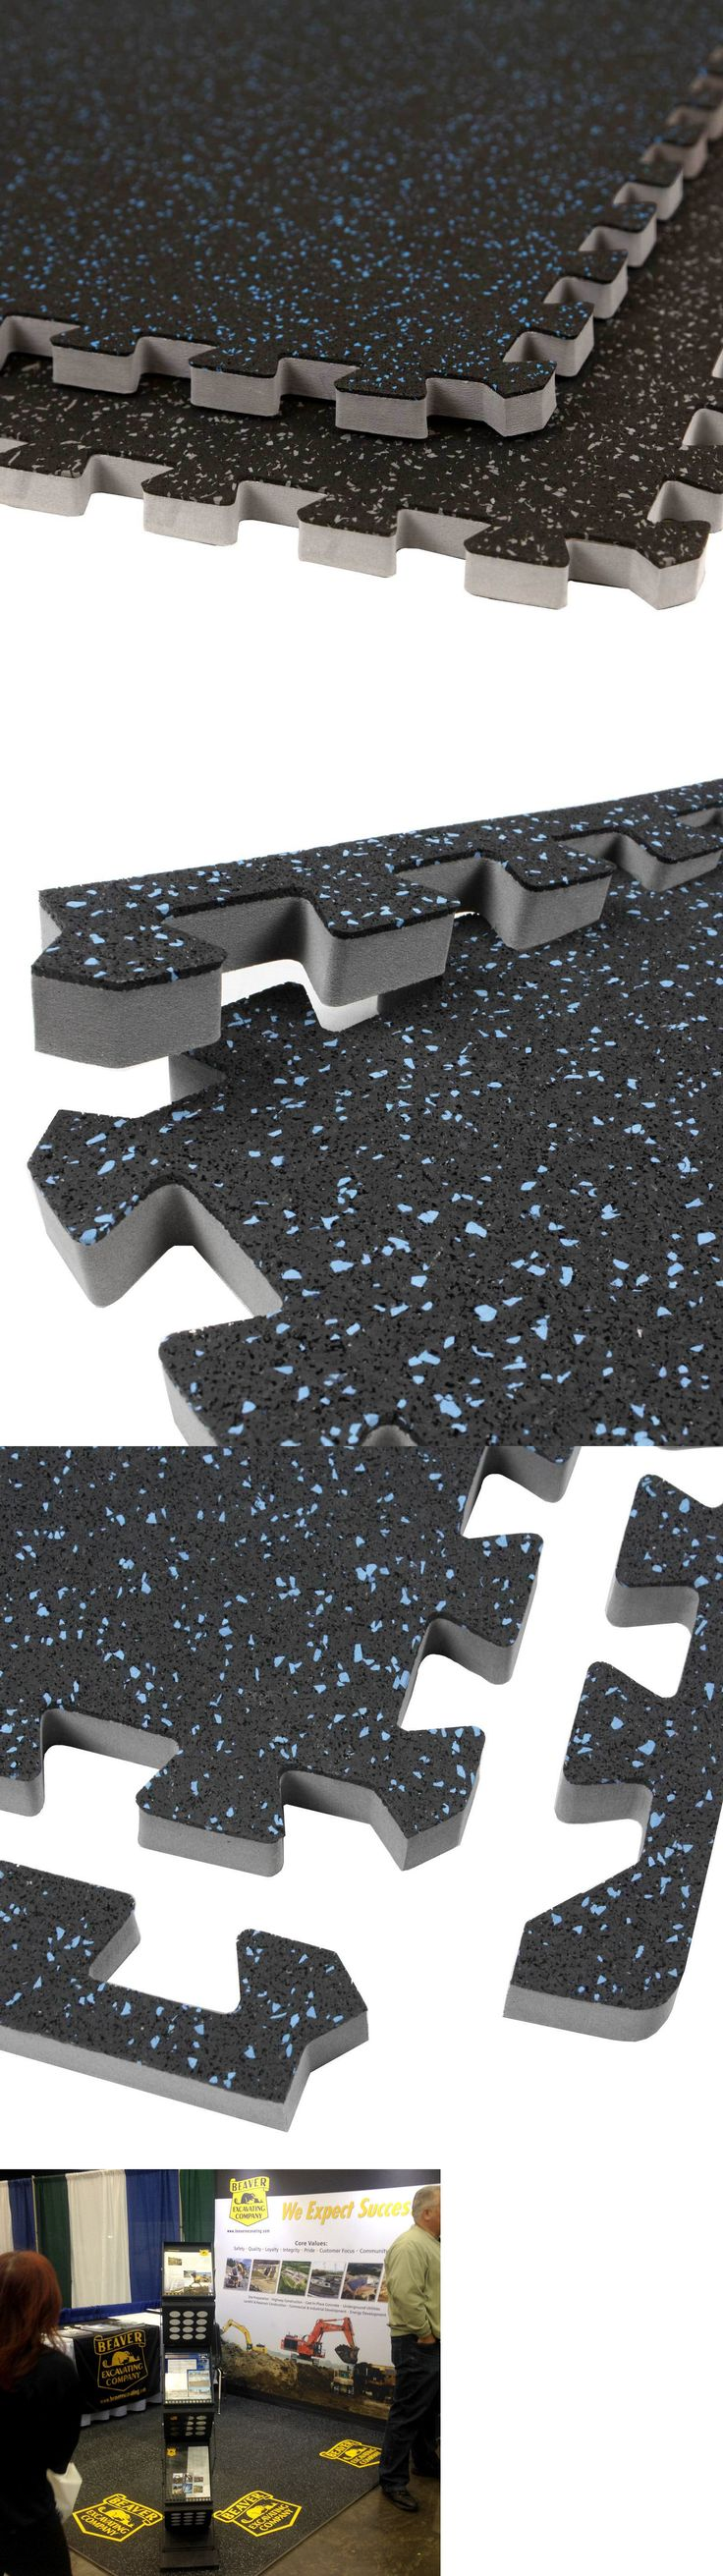 Rubber floor mat jigsaw - Exercise Mats 44079 Incstores Soft Rubber Tiles 2ft X 2ft Rubber Foam Combo Tiles For